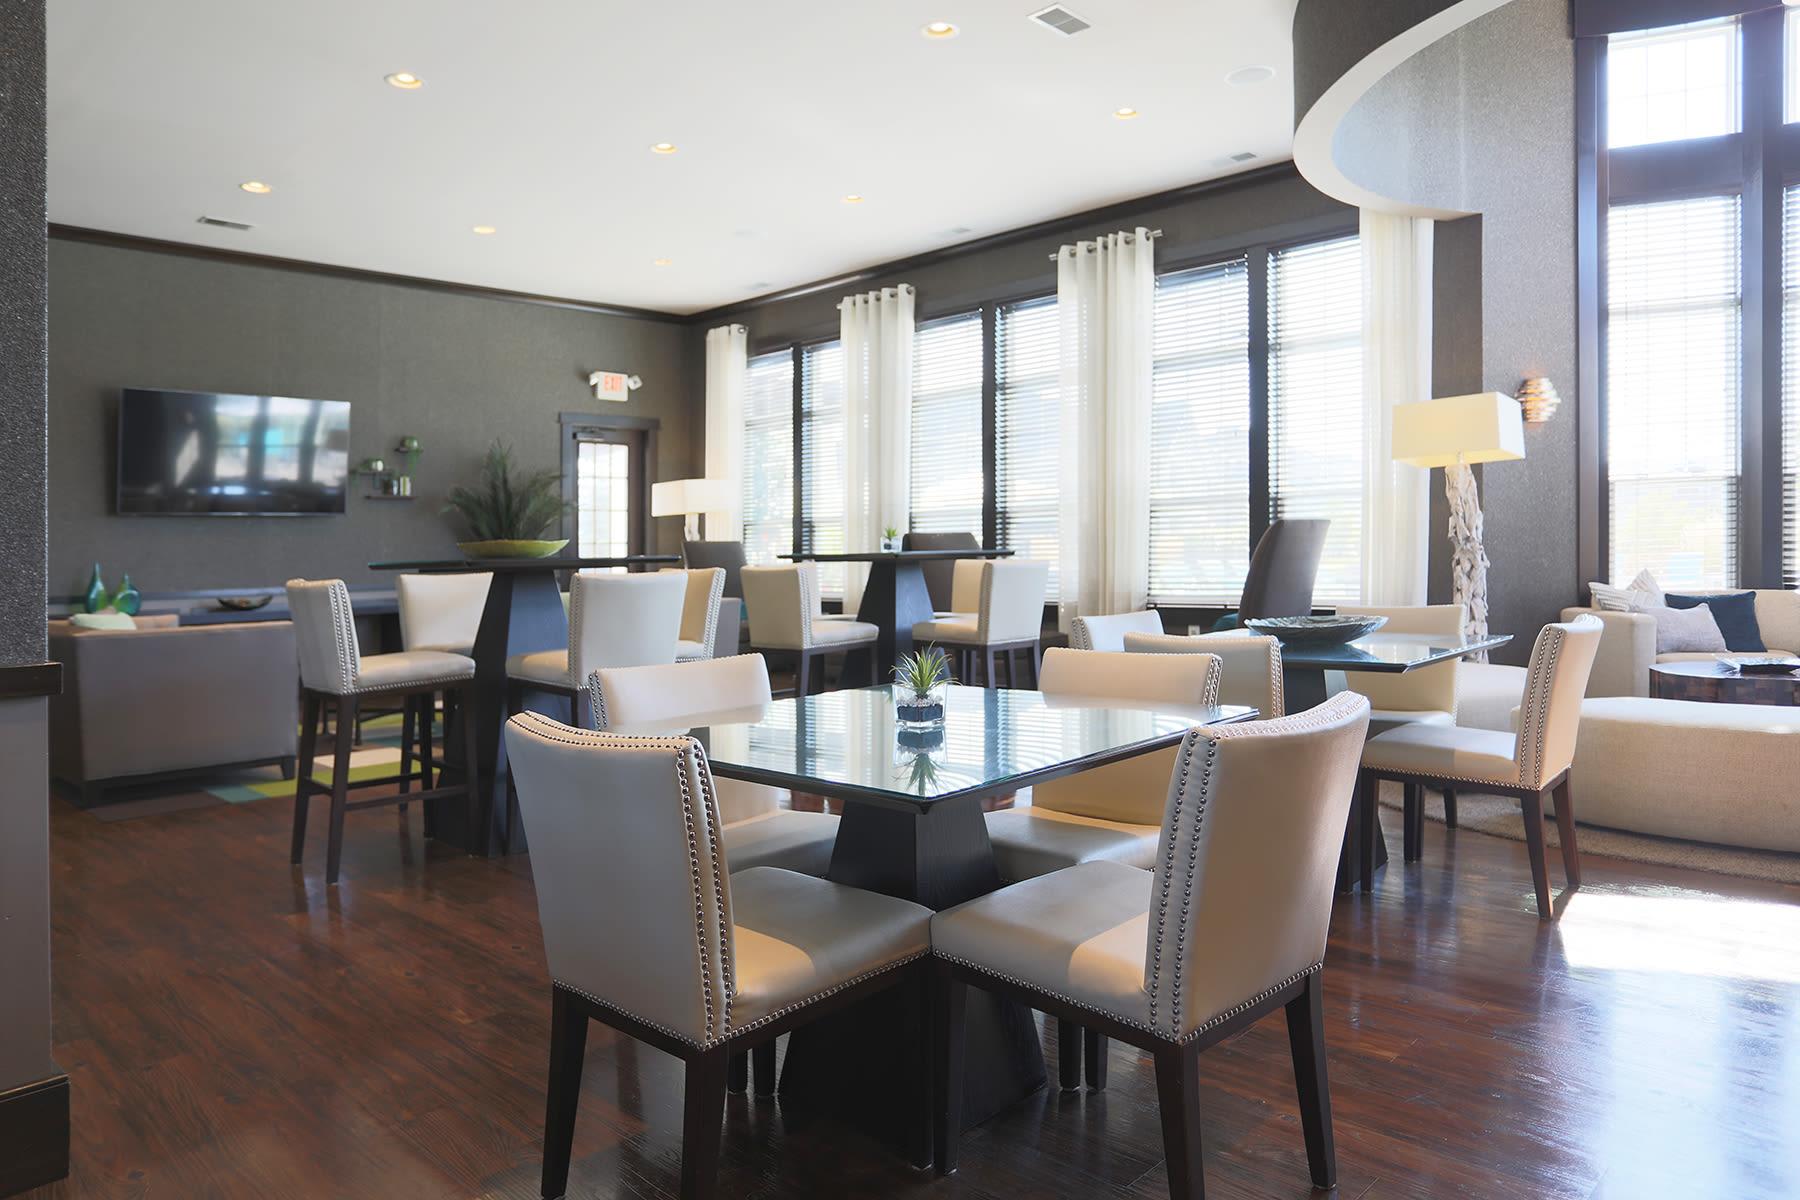 Lobby view at Palmera Apartments in Mason, Ohio